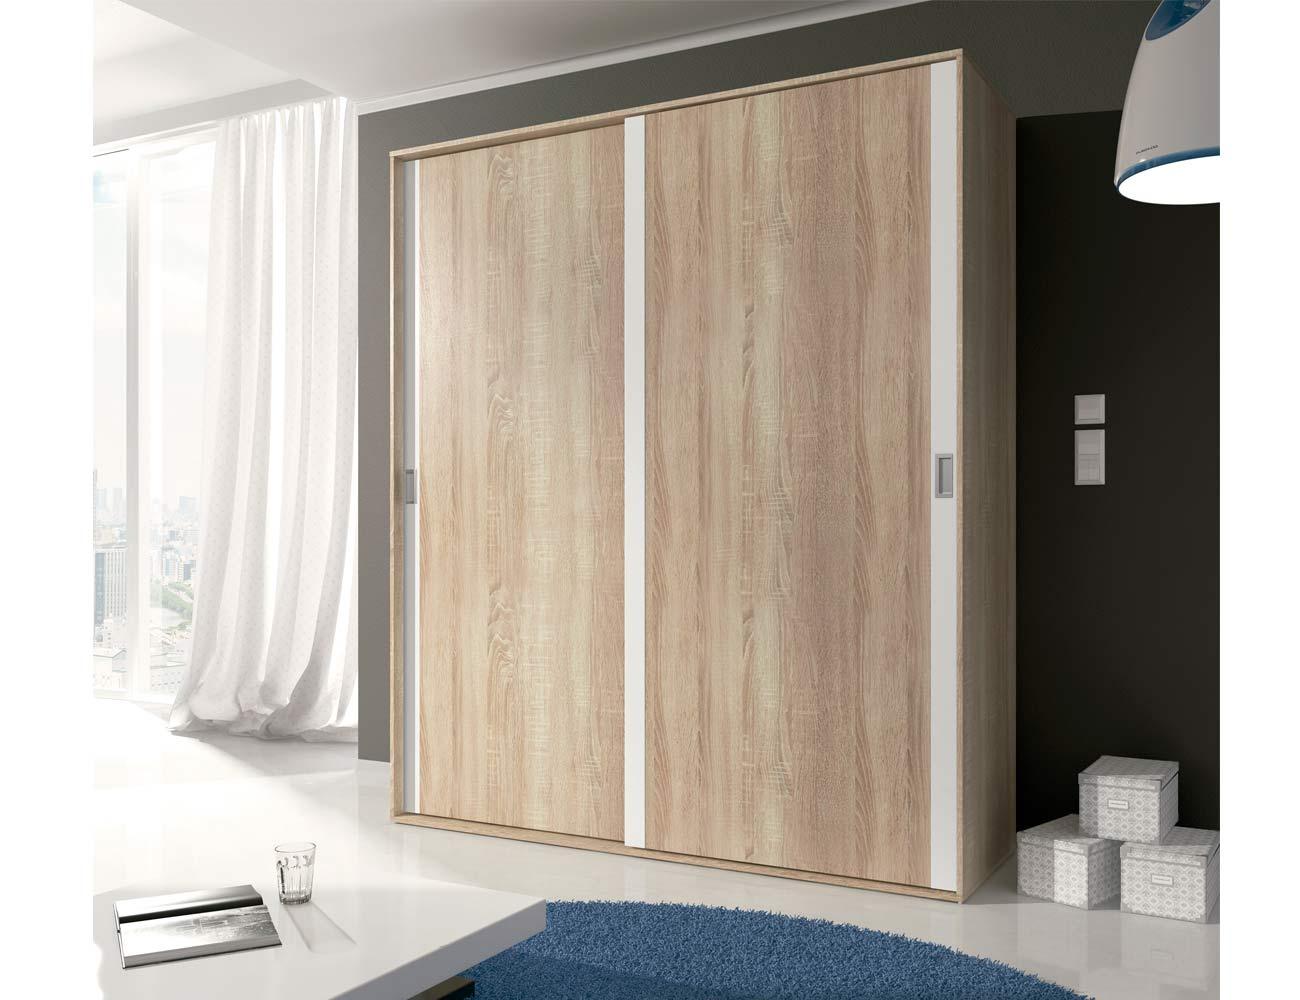 Detalle armario puertas correderas cambrian blanco